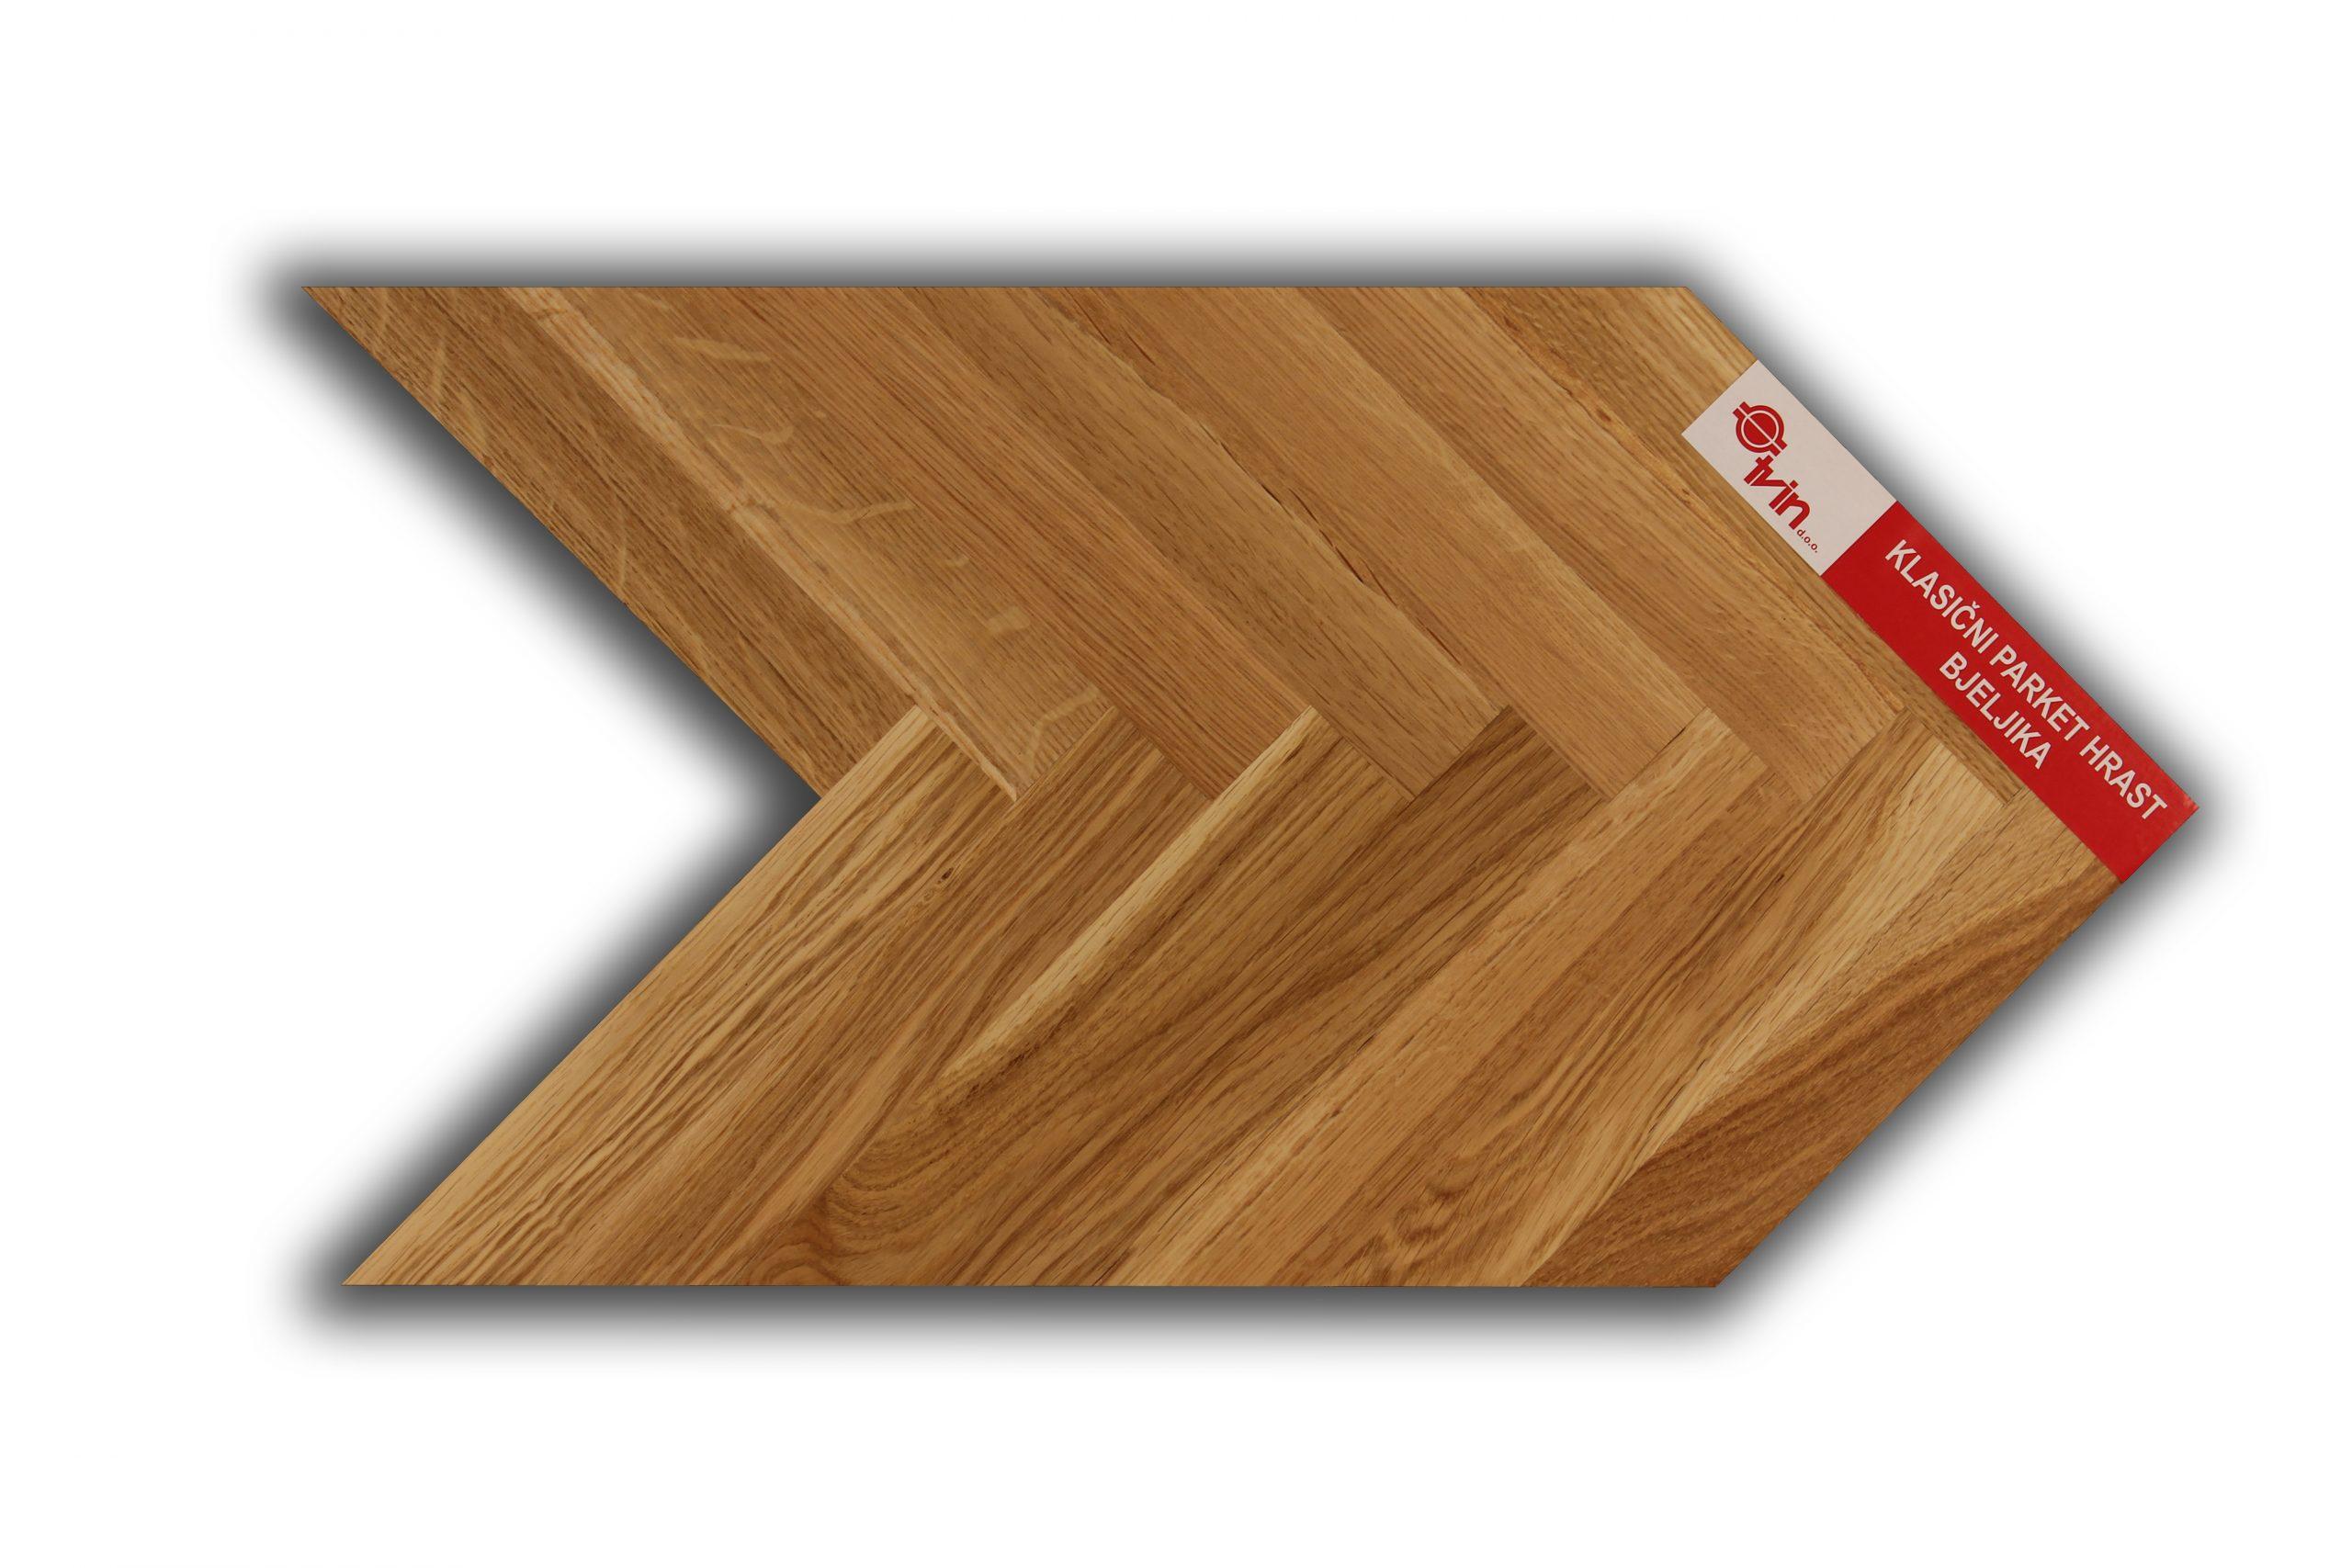 Tvin solid wood flooring